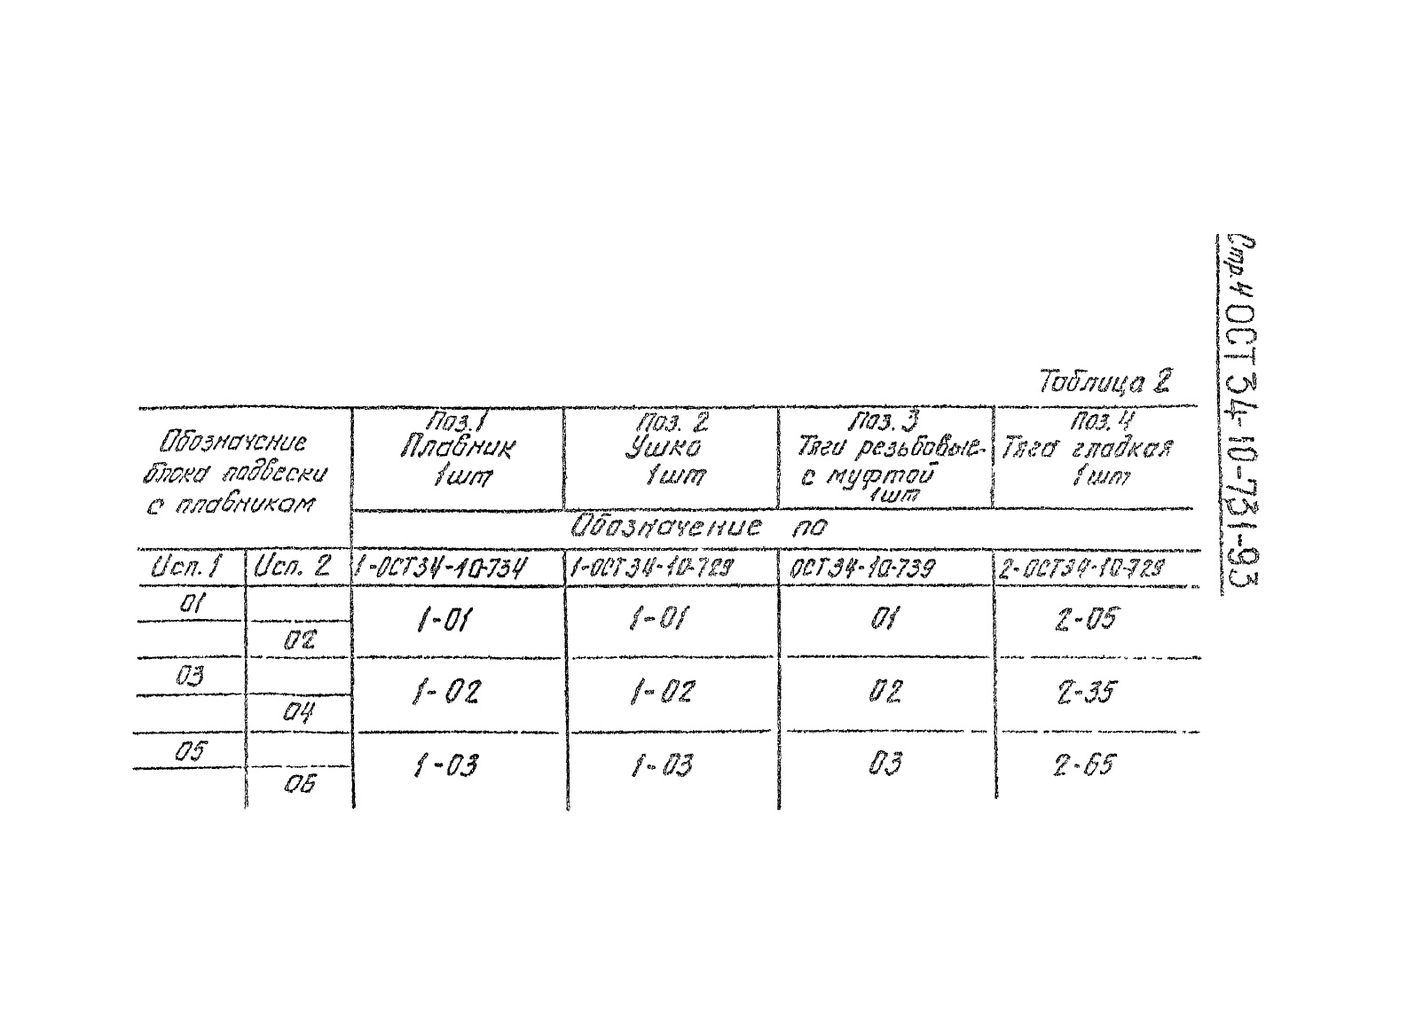 Блоки подвесок с плавником ОСТ 34-10-731-93 стр.4